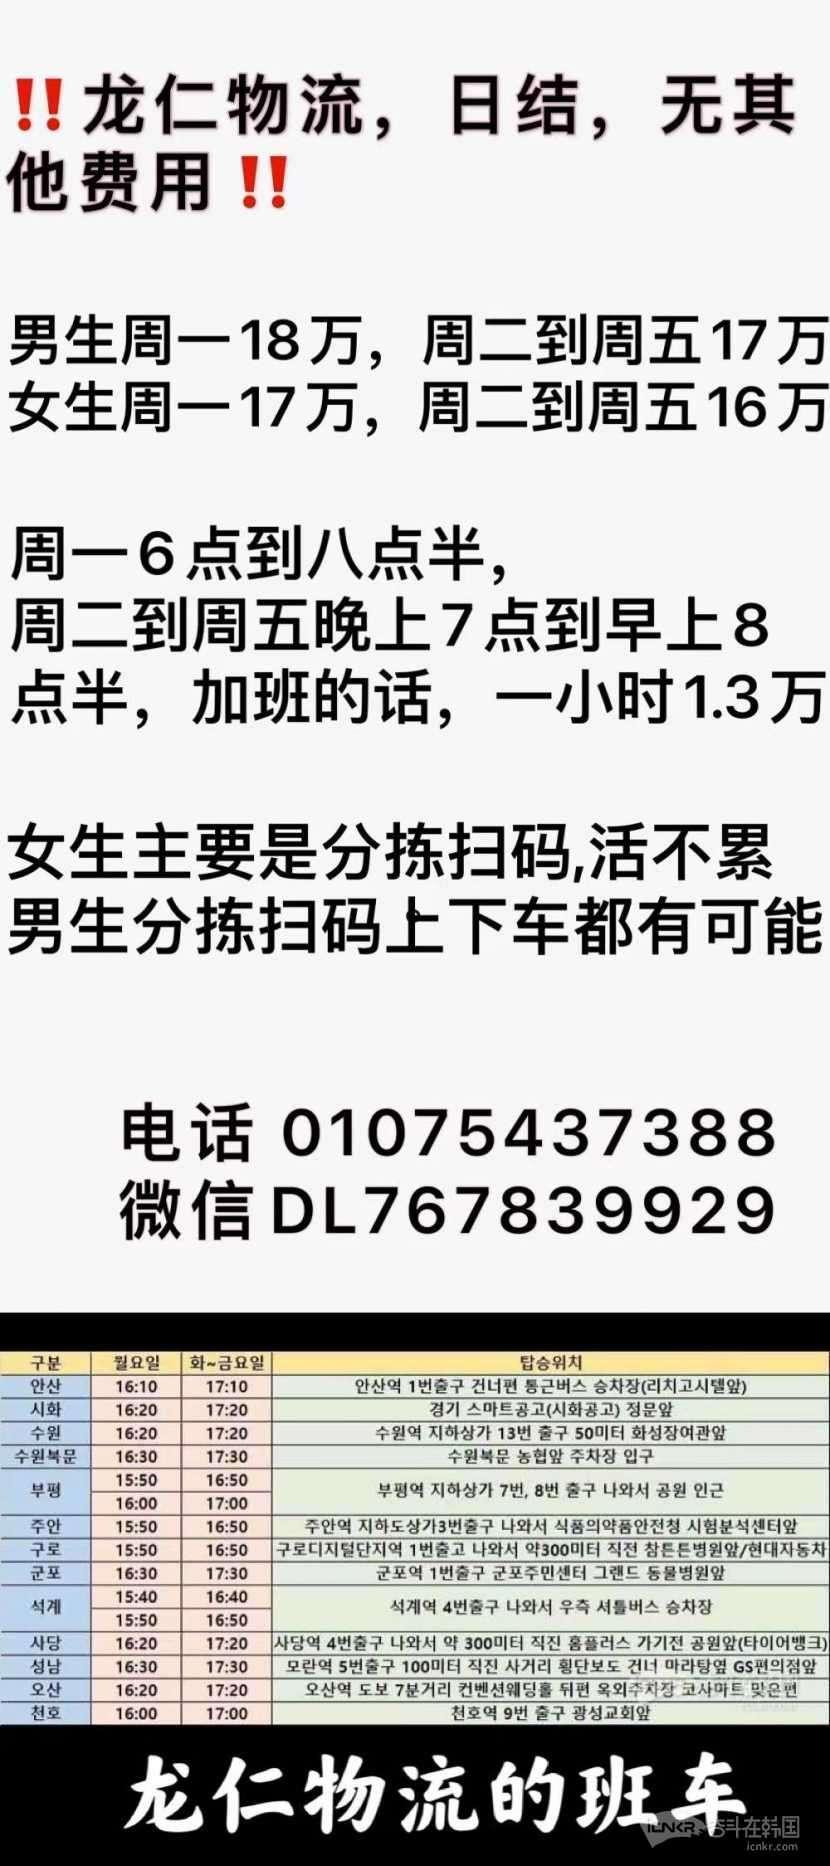 1632145841706796655.jpg